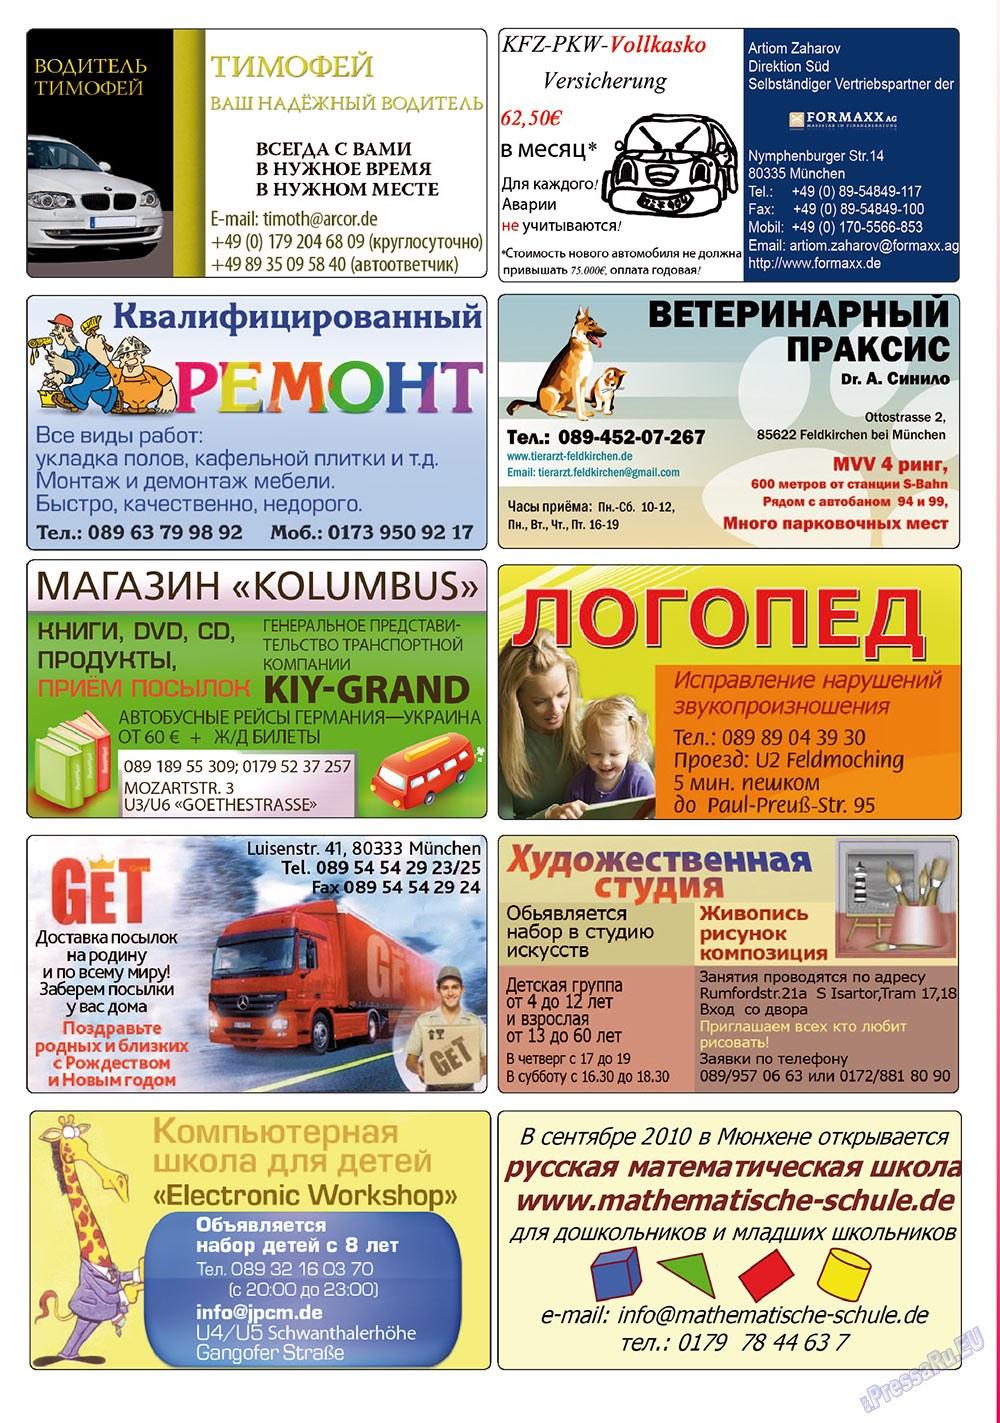 Апельсин (журнал). 2010 год, номер 15, стр. 26